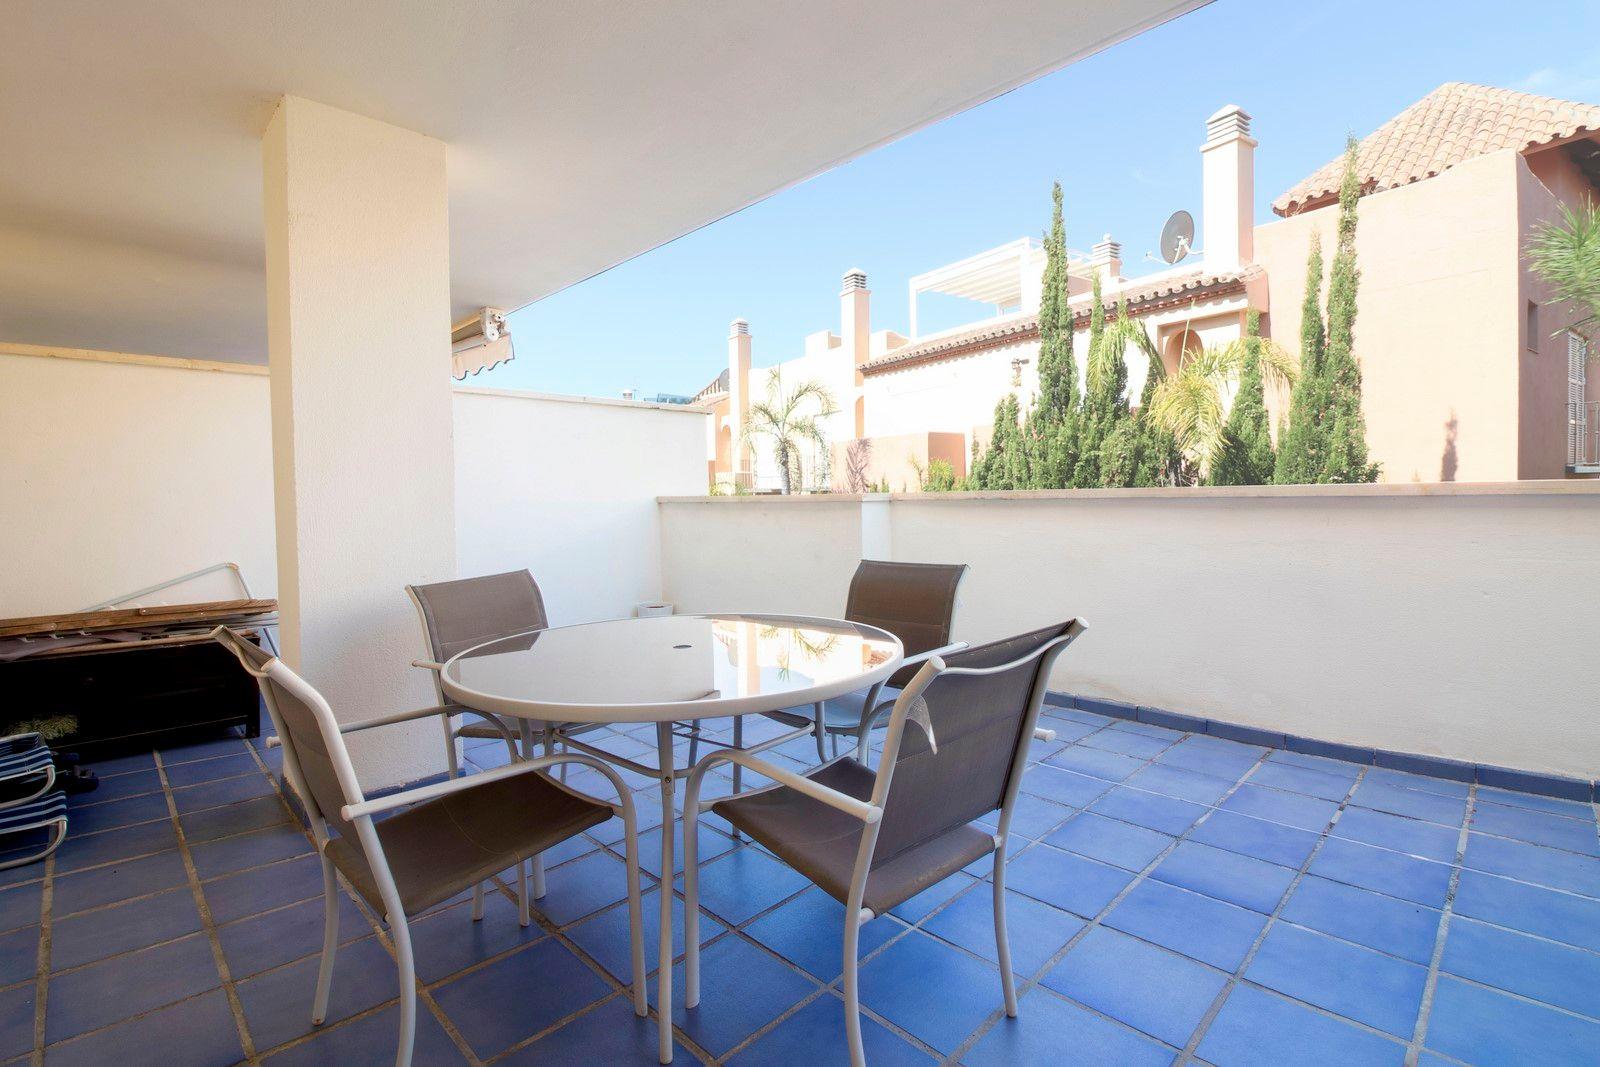 Apartment in Marbella, Nueva Andalucia, verkauf